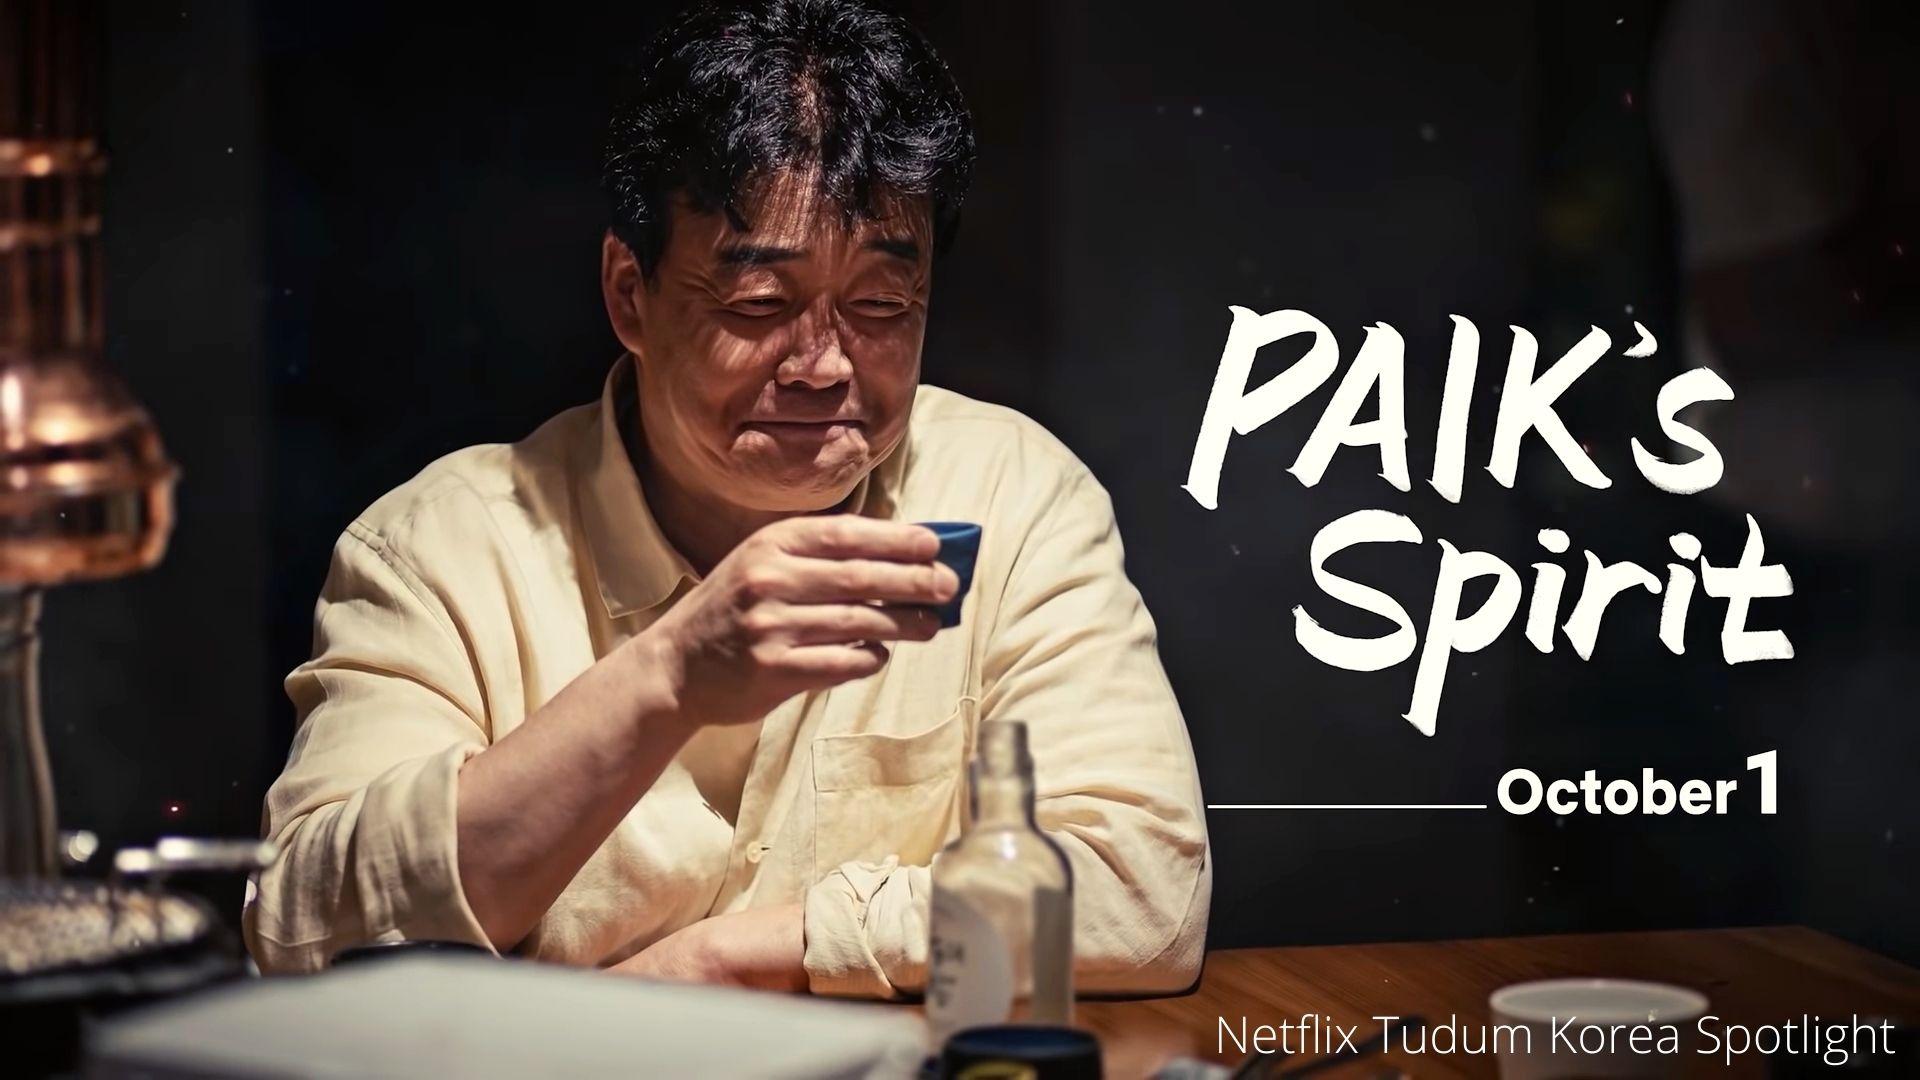 Netflix Korea Release